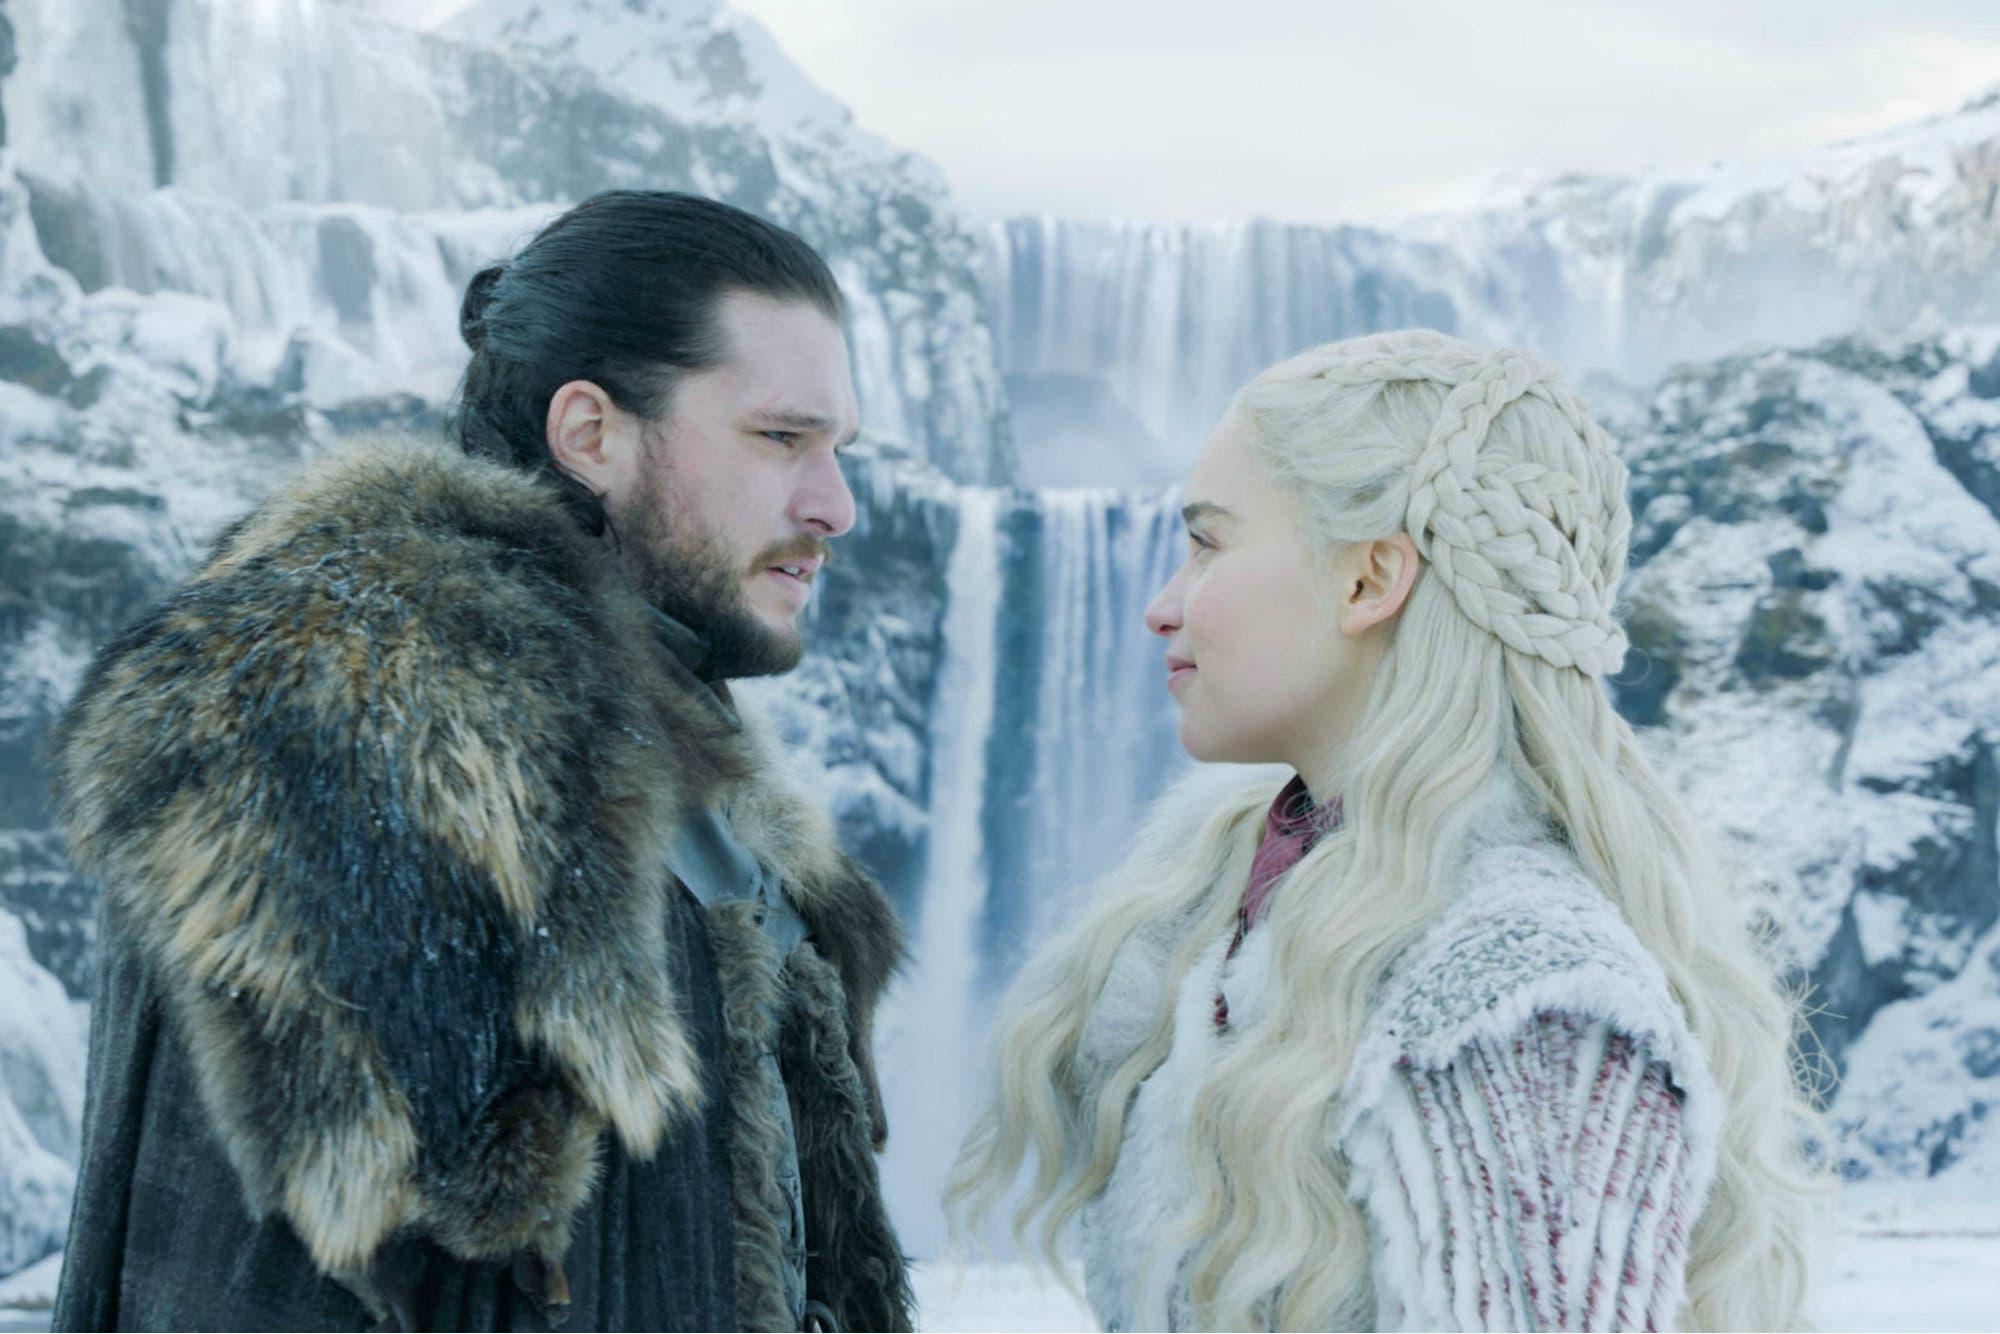 Premios Emmy 2019: ¿será esta la gran noche de Game of Thrones?